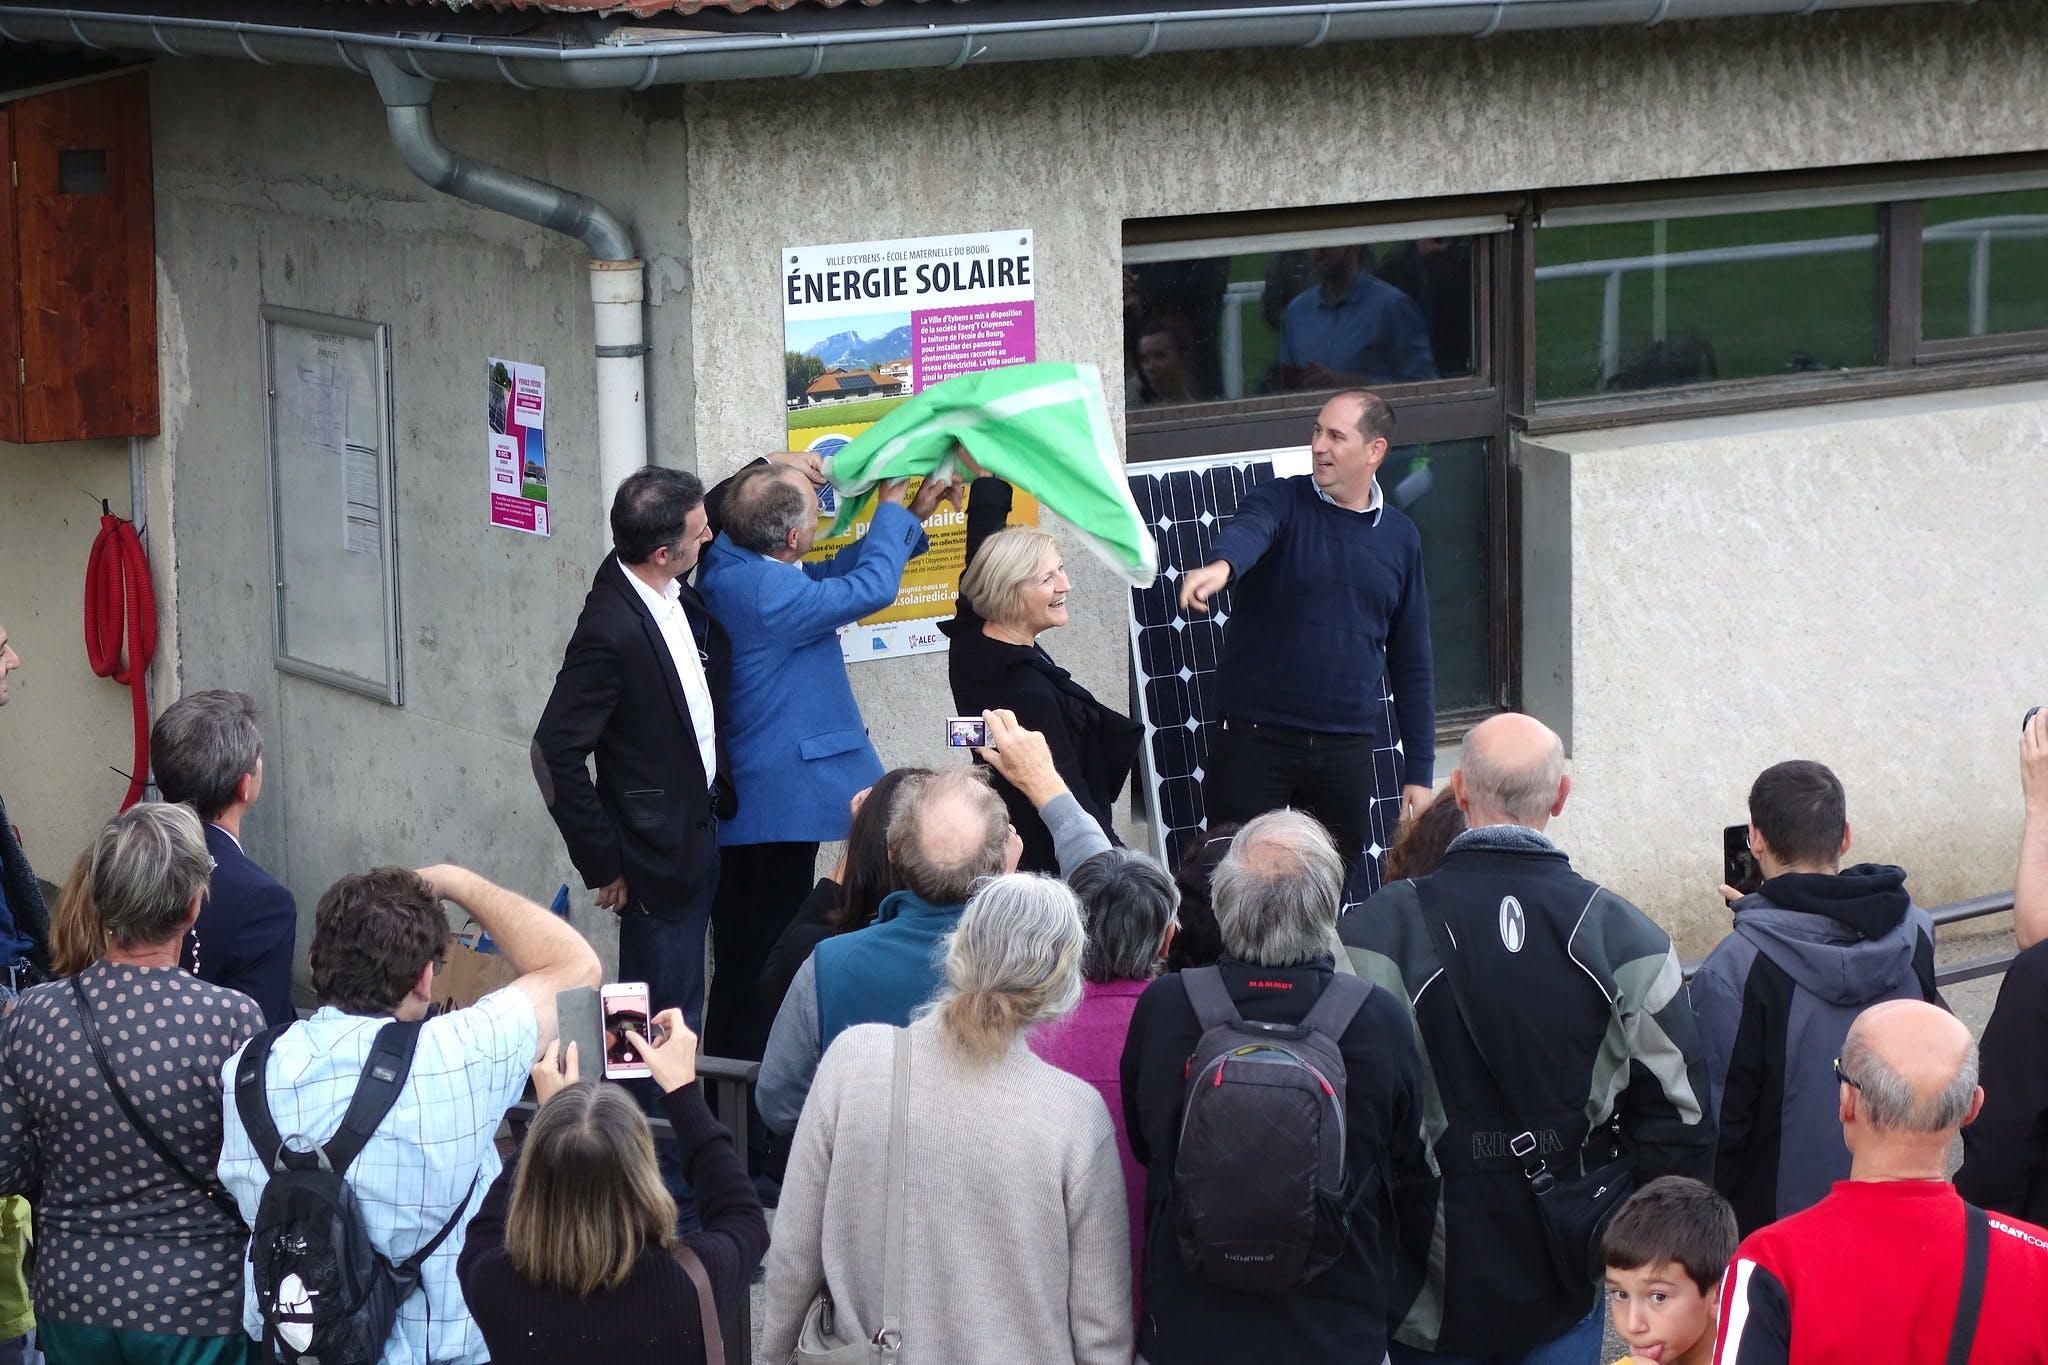 Collectif de citoyens devant un nouveau site de production d'électricité renouvelable